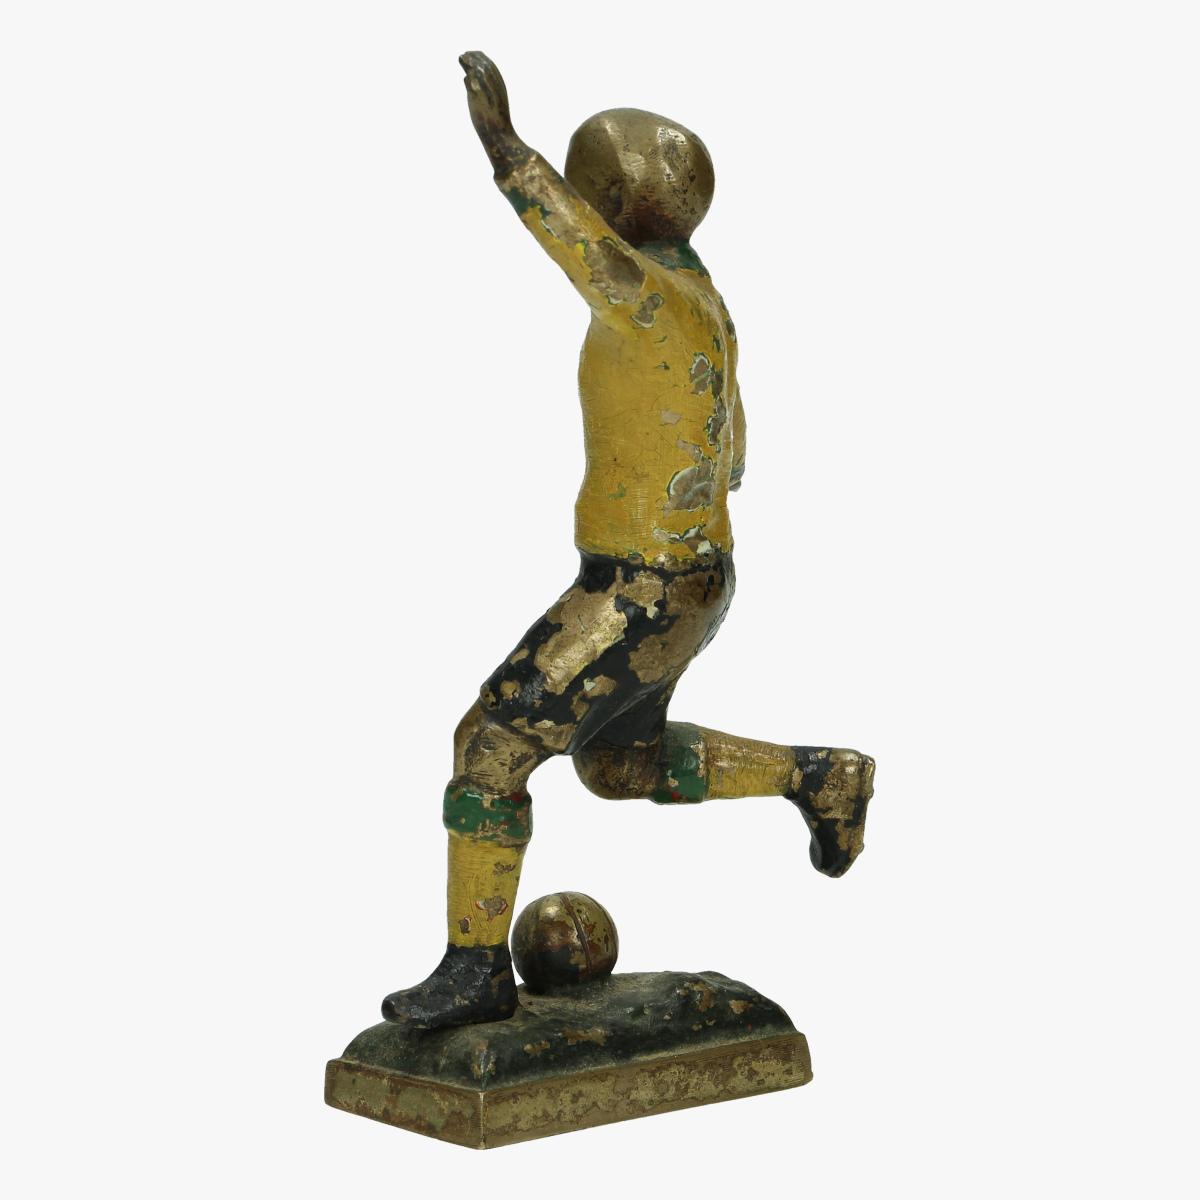 Afbeeldingen van mooie oude metalen beeldje voetballer 13.5 cm groot